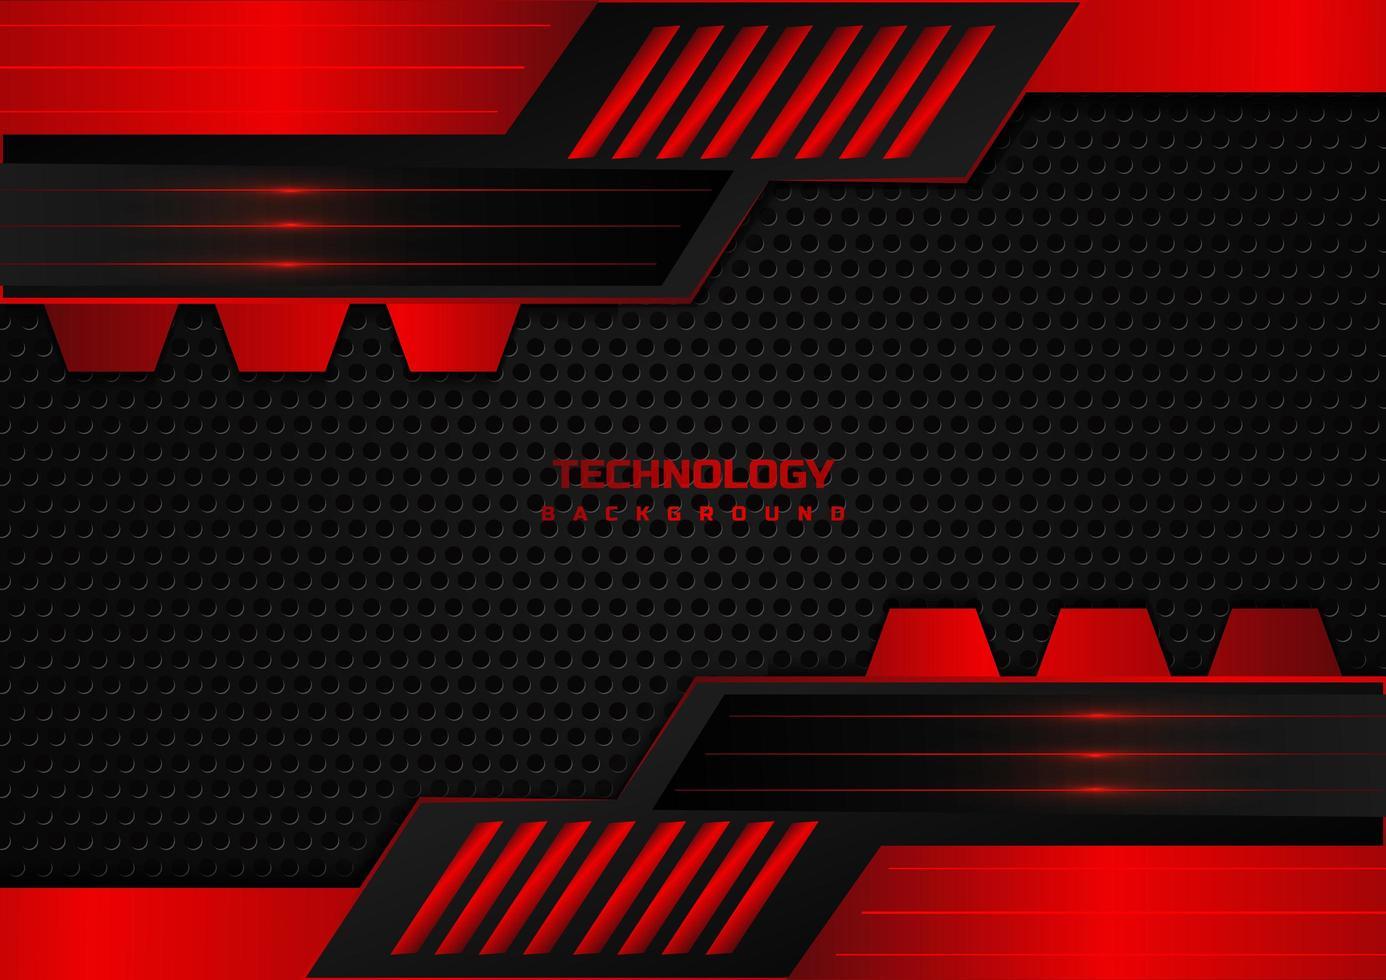 geometrischer roter und schwarzer Hintergrund der abstrakten Technologie vektor